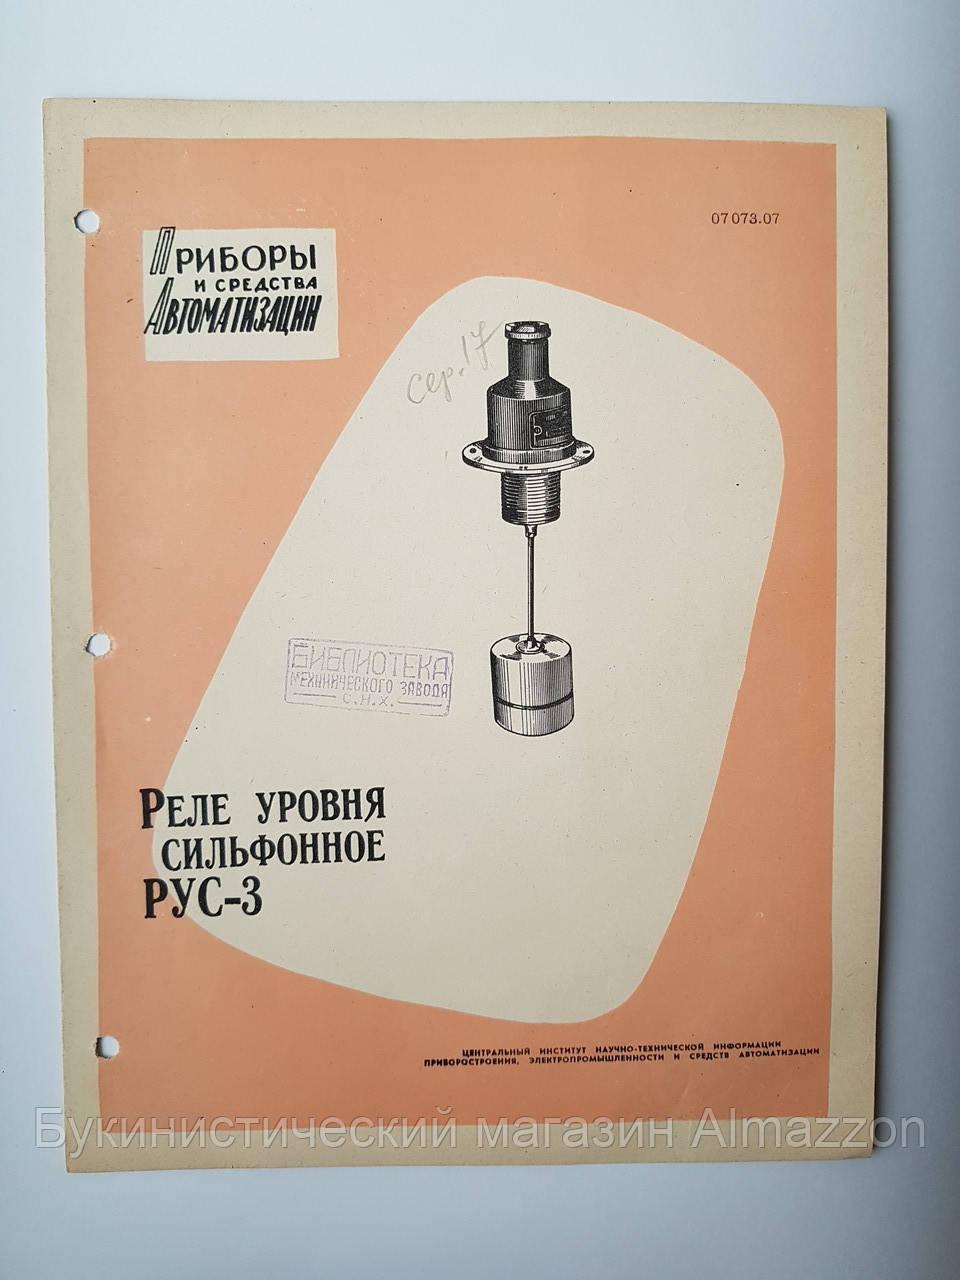 """Журнал (Бюллетень) """"Реле уровня сильфонное РУС-3  07073.07"""" 1962 г."""